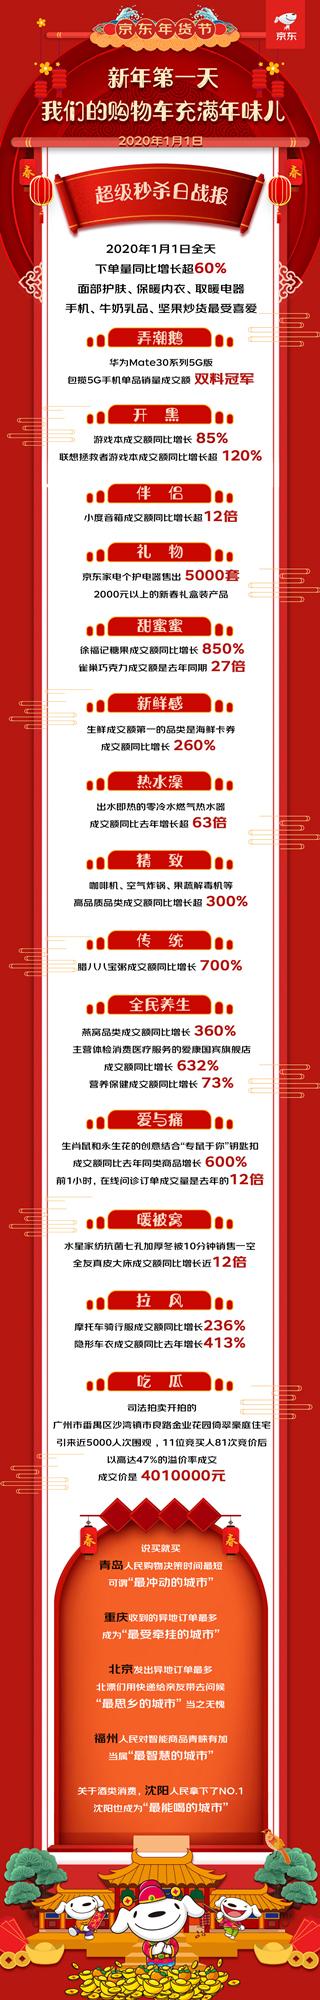 京东年货节首日下单量同比增长超60%,徐福记糖果成交额同比增长850%